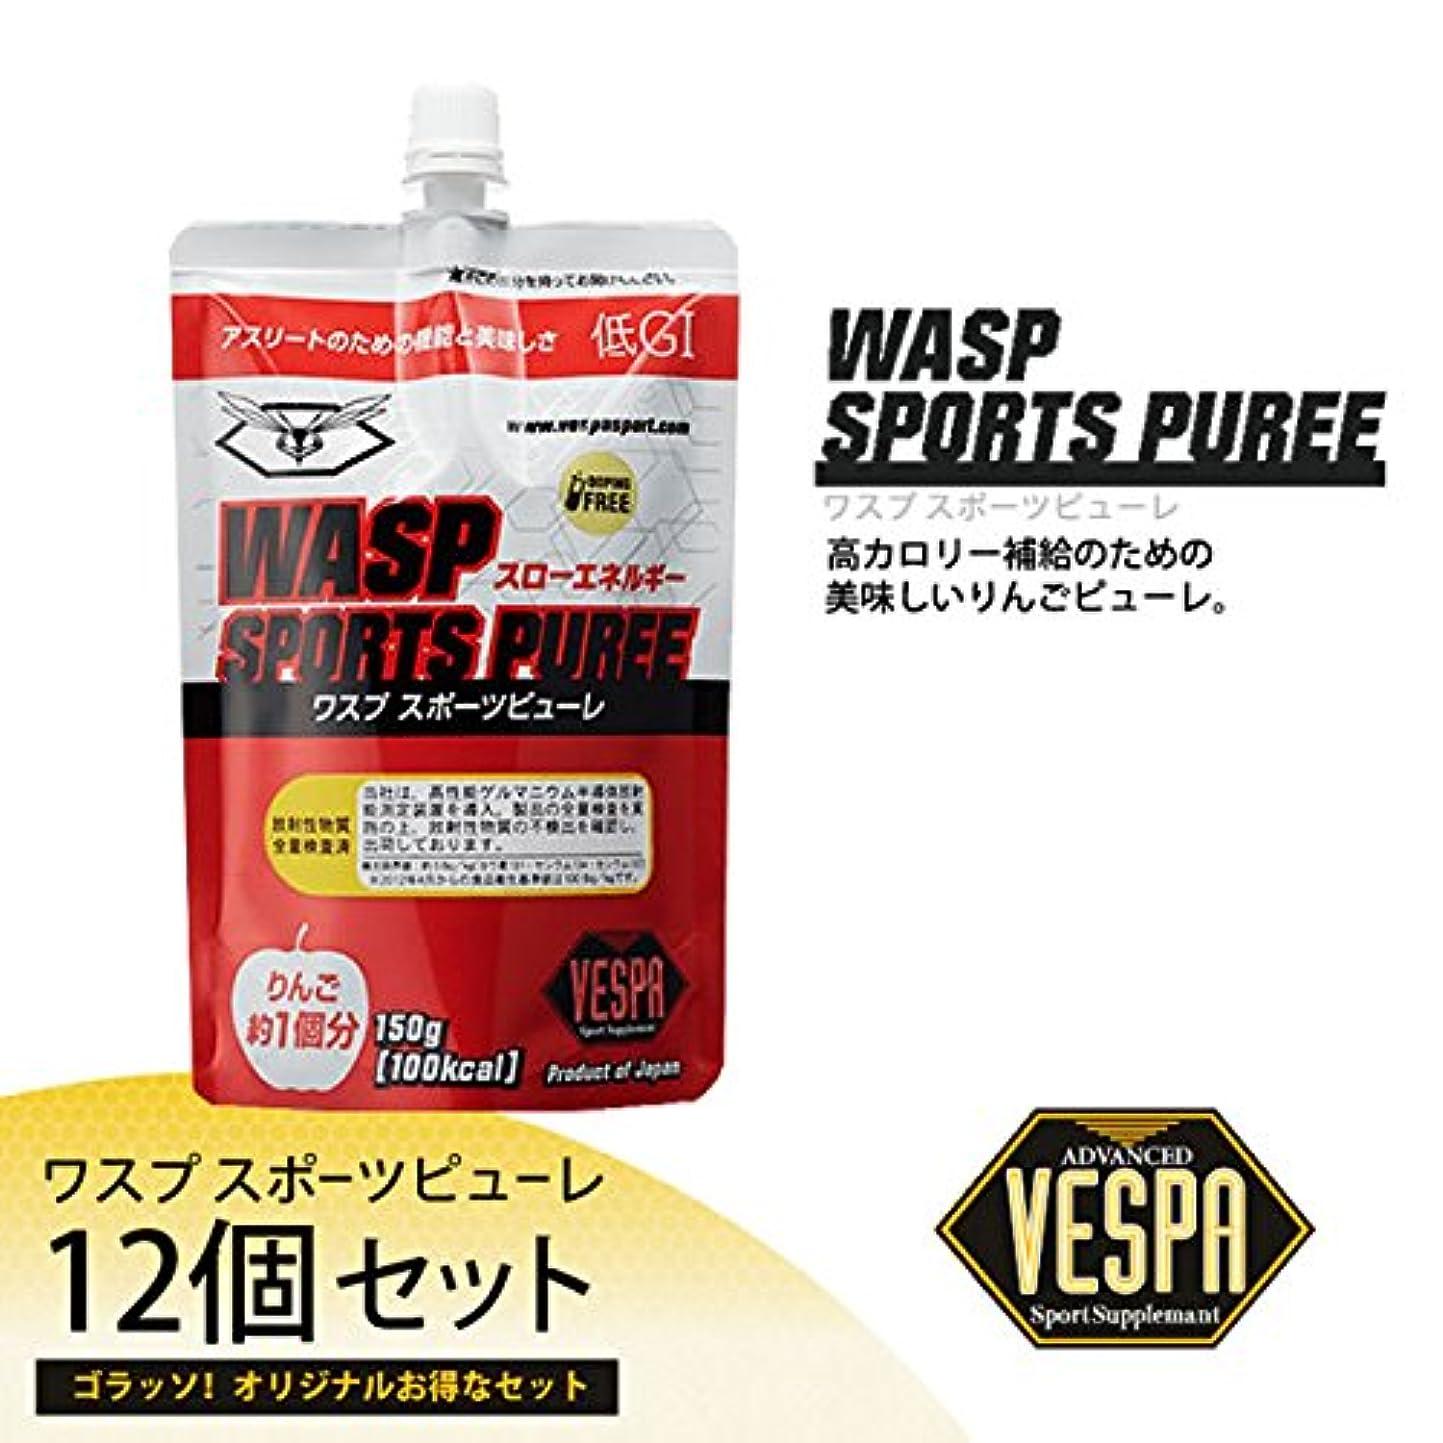 ジョージハンブリー財団章VESPA(べスパ) WASP SPORTS PUREE(ワスプ スポーツピューレ) 150ml ×12個